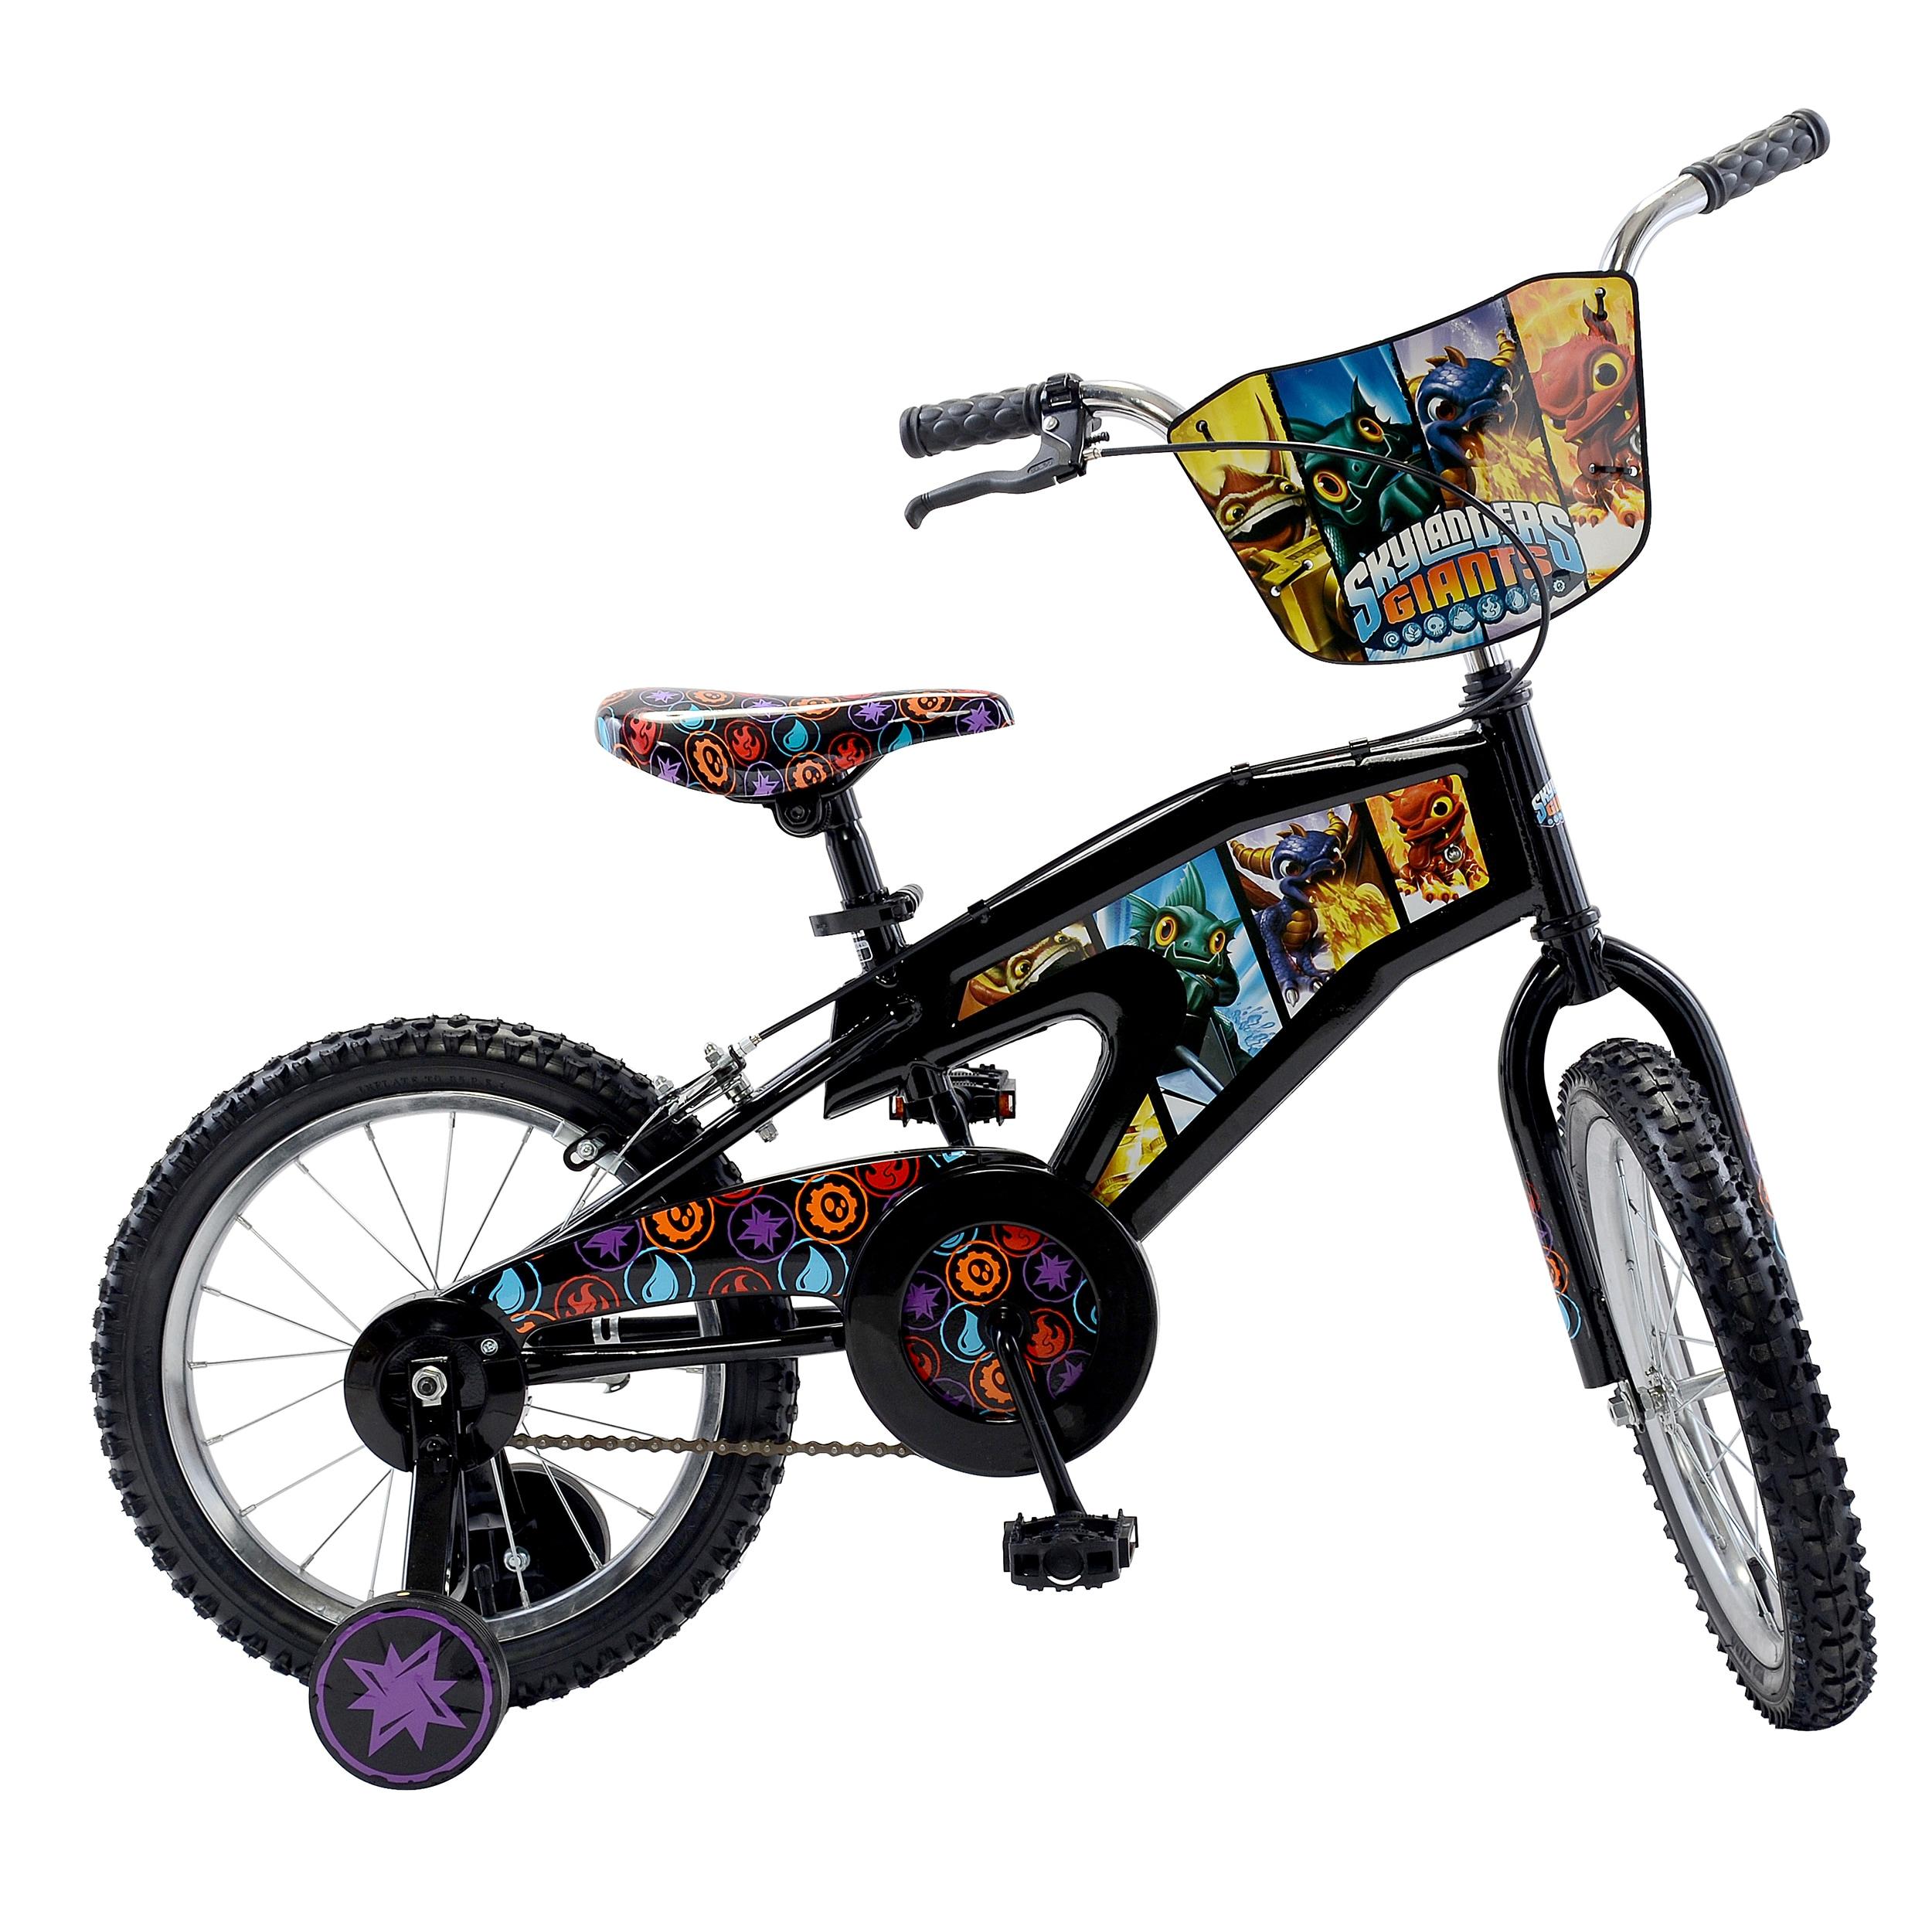 CFG Street Flyers Skylanders B16 Kids Bicycle